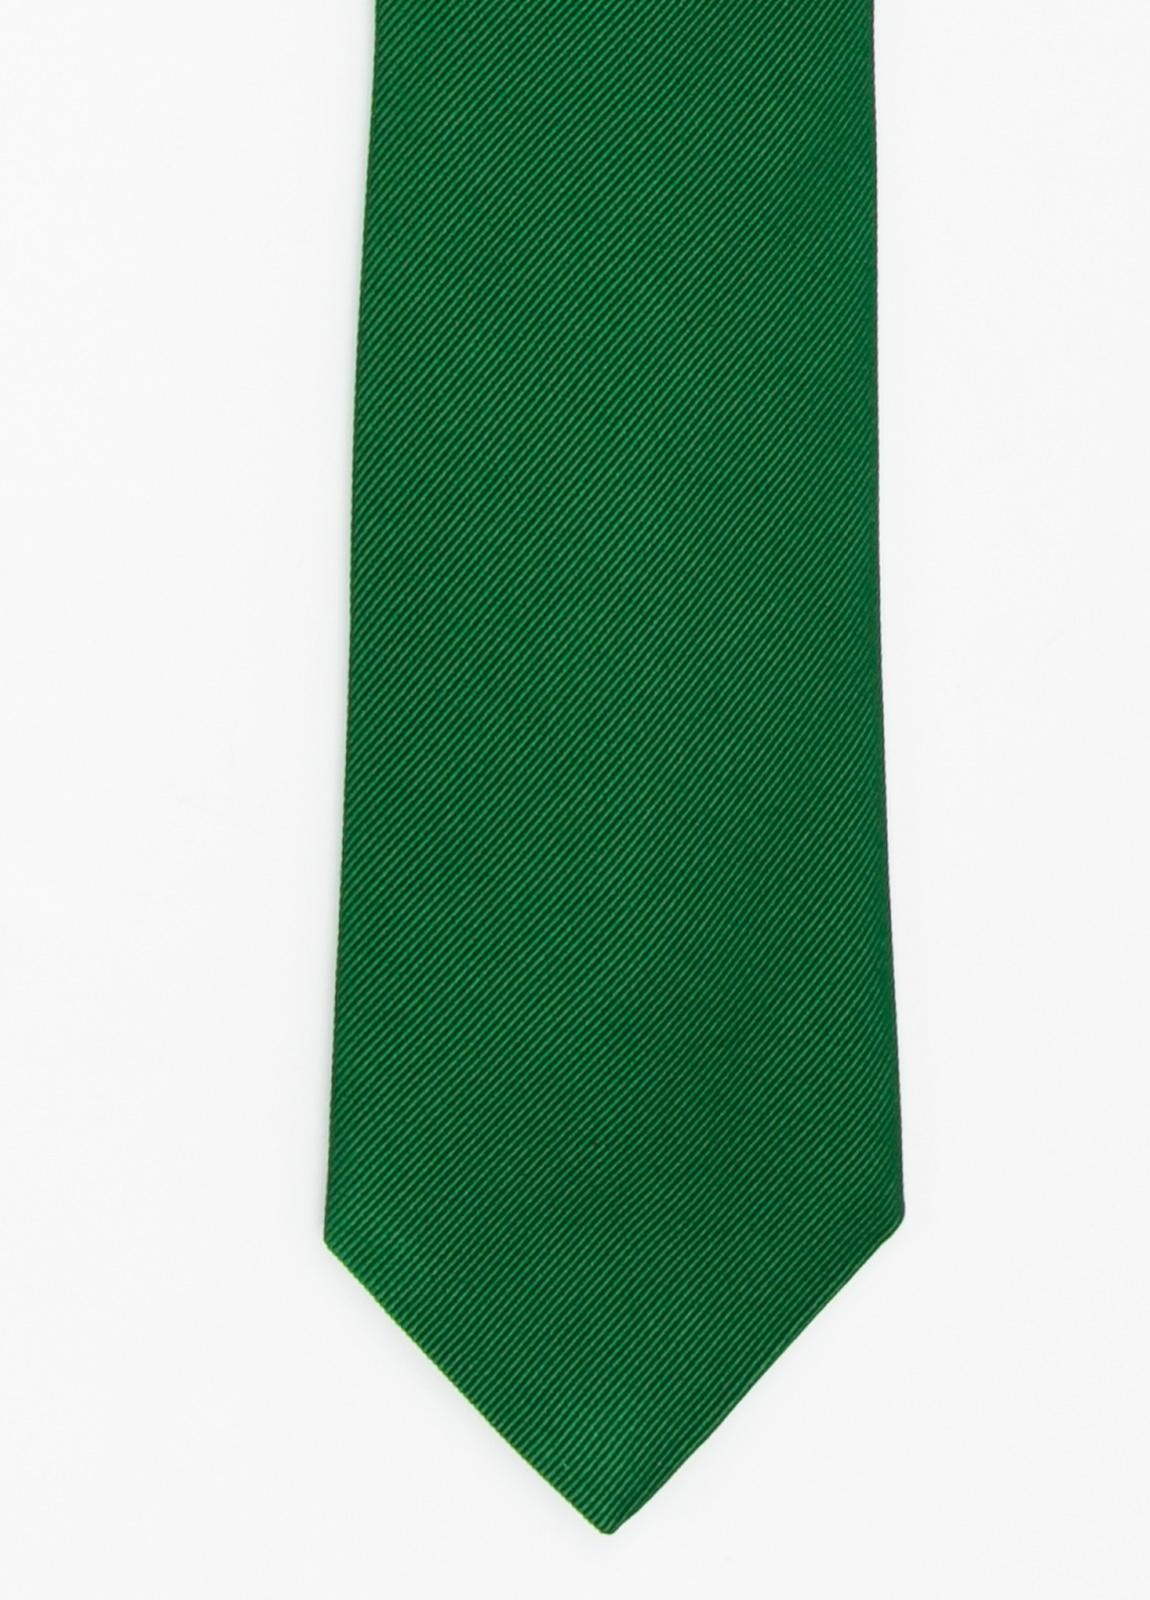 Corbata Formal Wear microtextura color verde. Pala 7,5 cm. 70% Seda 30% Algodón.